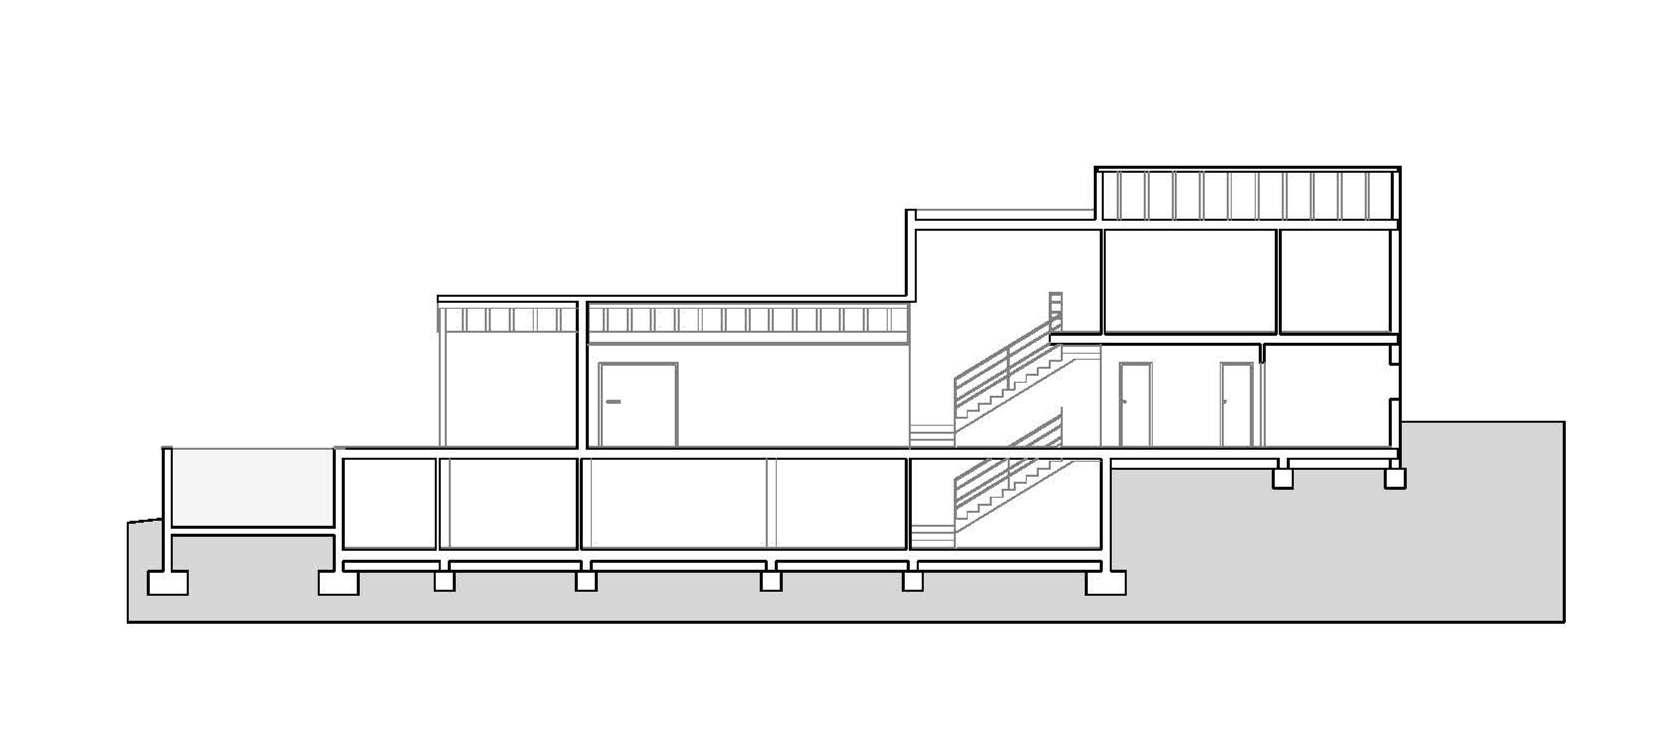 arqestudiBOMON - sección / section